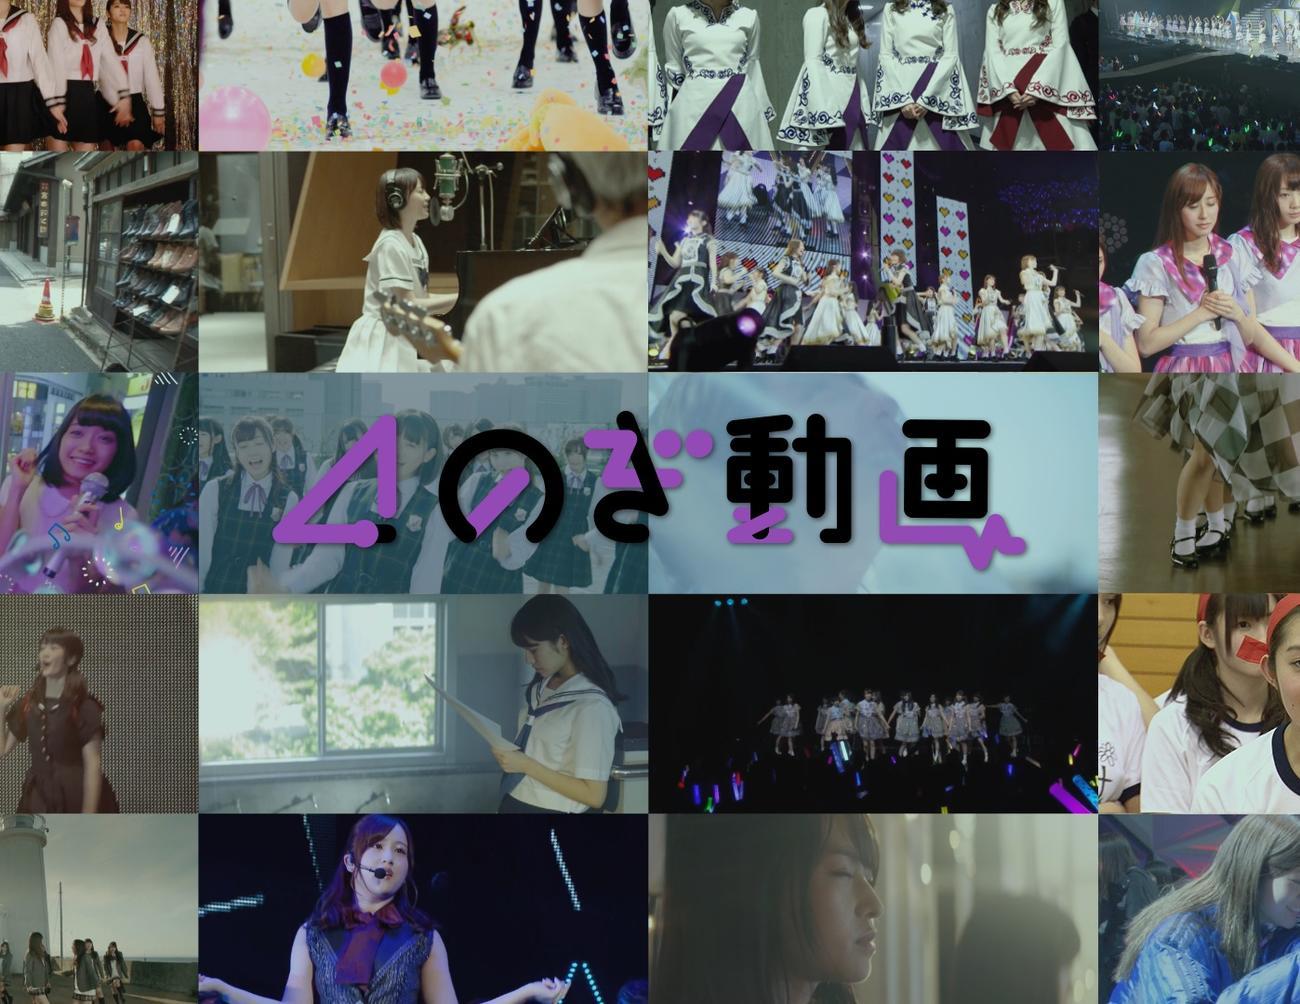 乃木坂46初の定額制動画サービス「のぎ動画」がスタートする